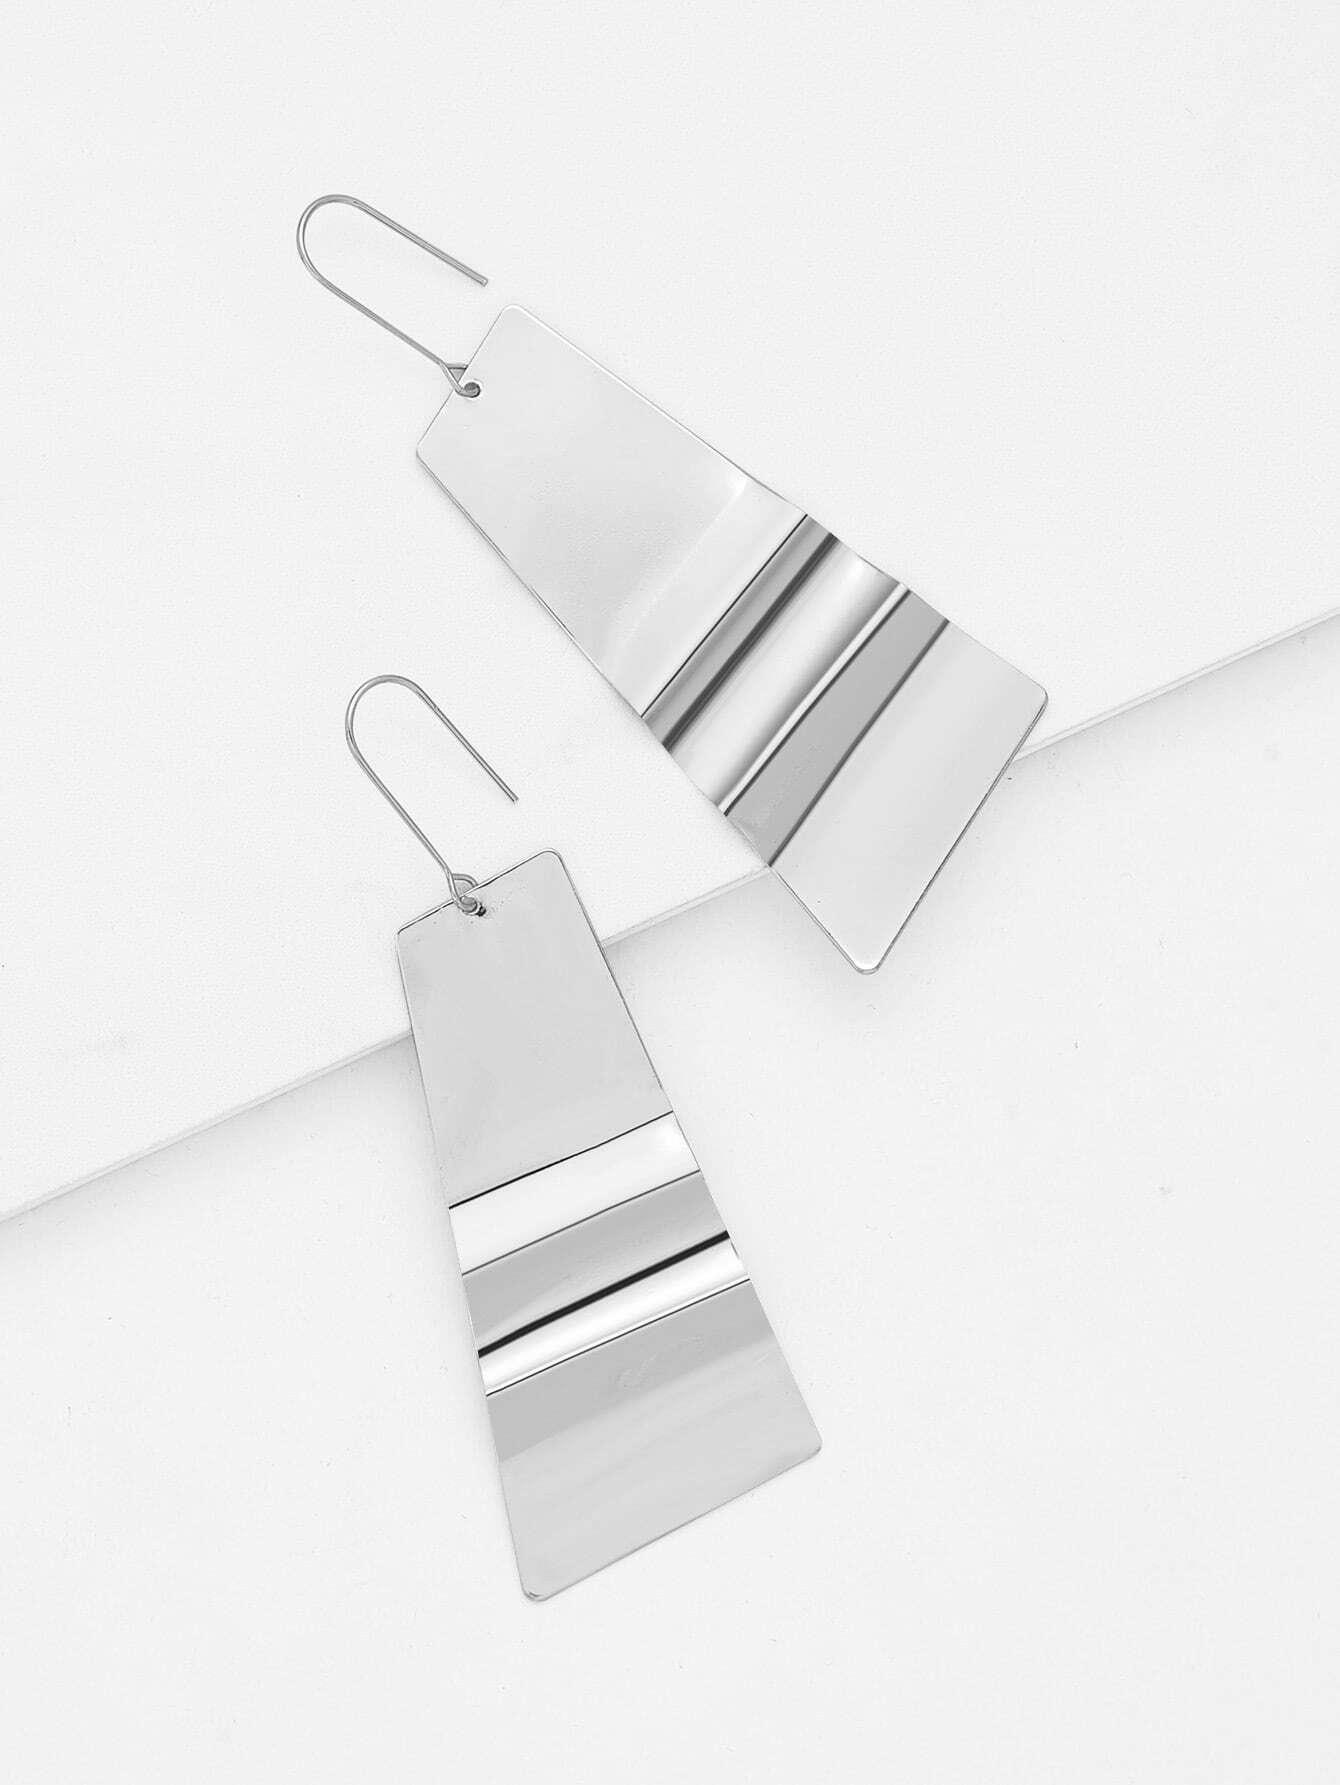 Irregular Metal Drop Earrings two tone metal drop earrings